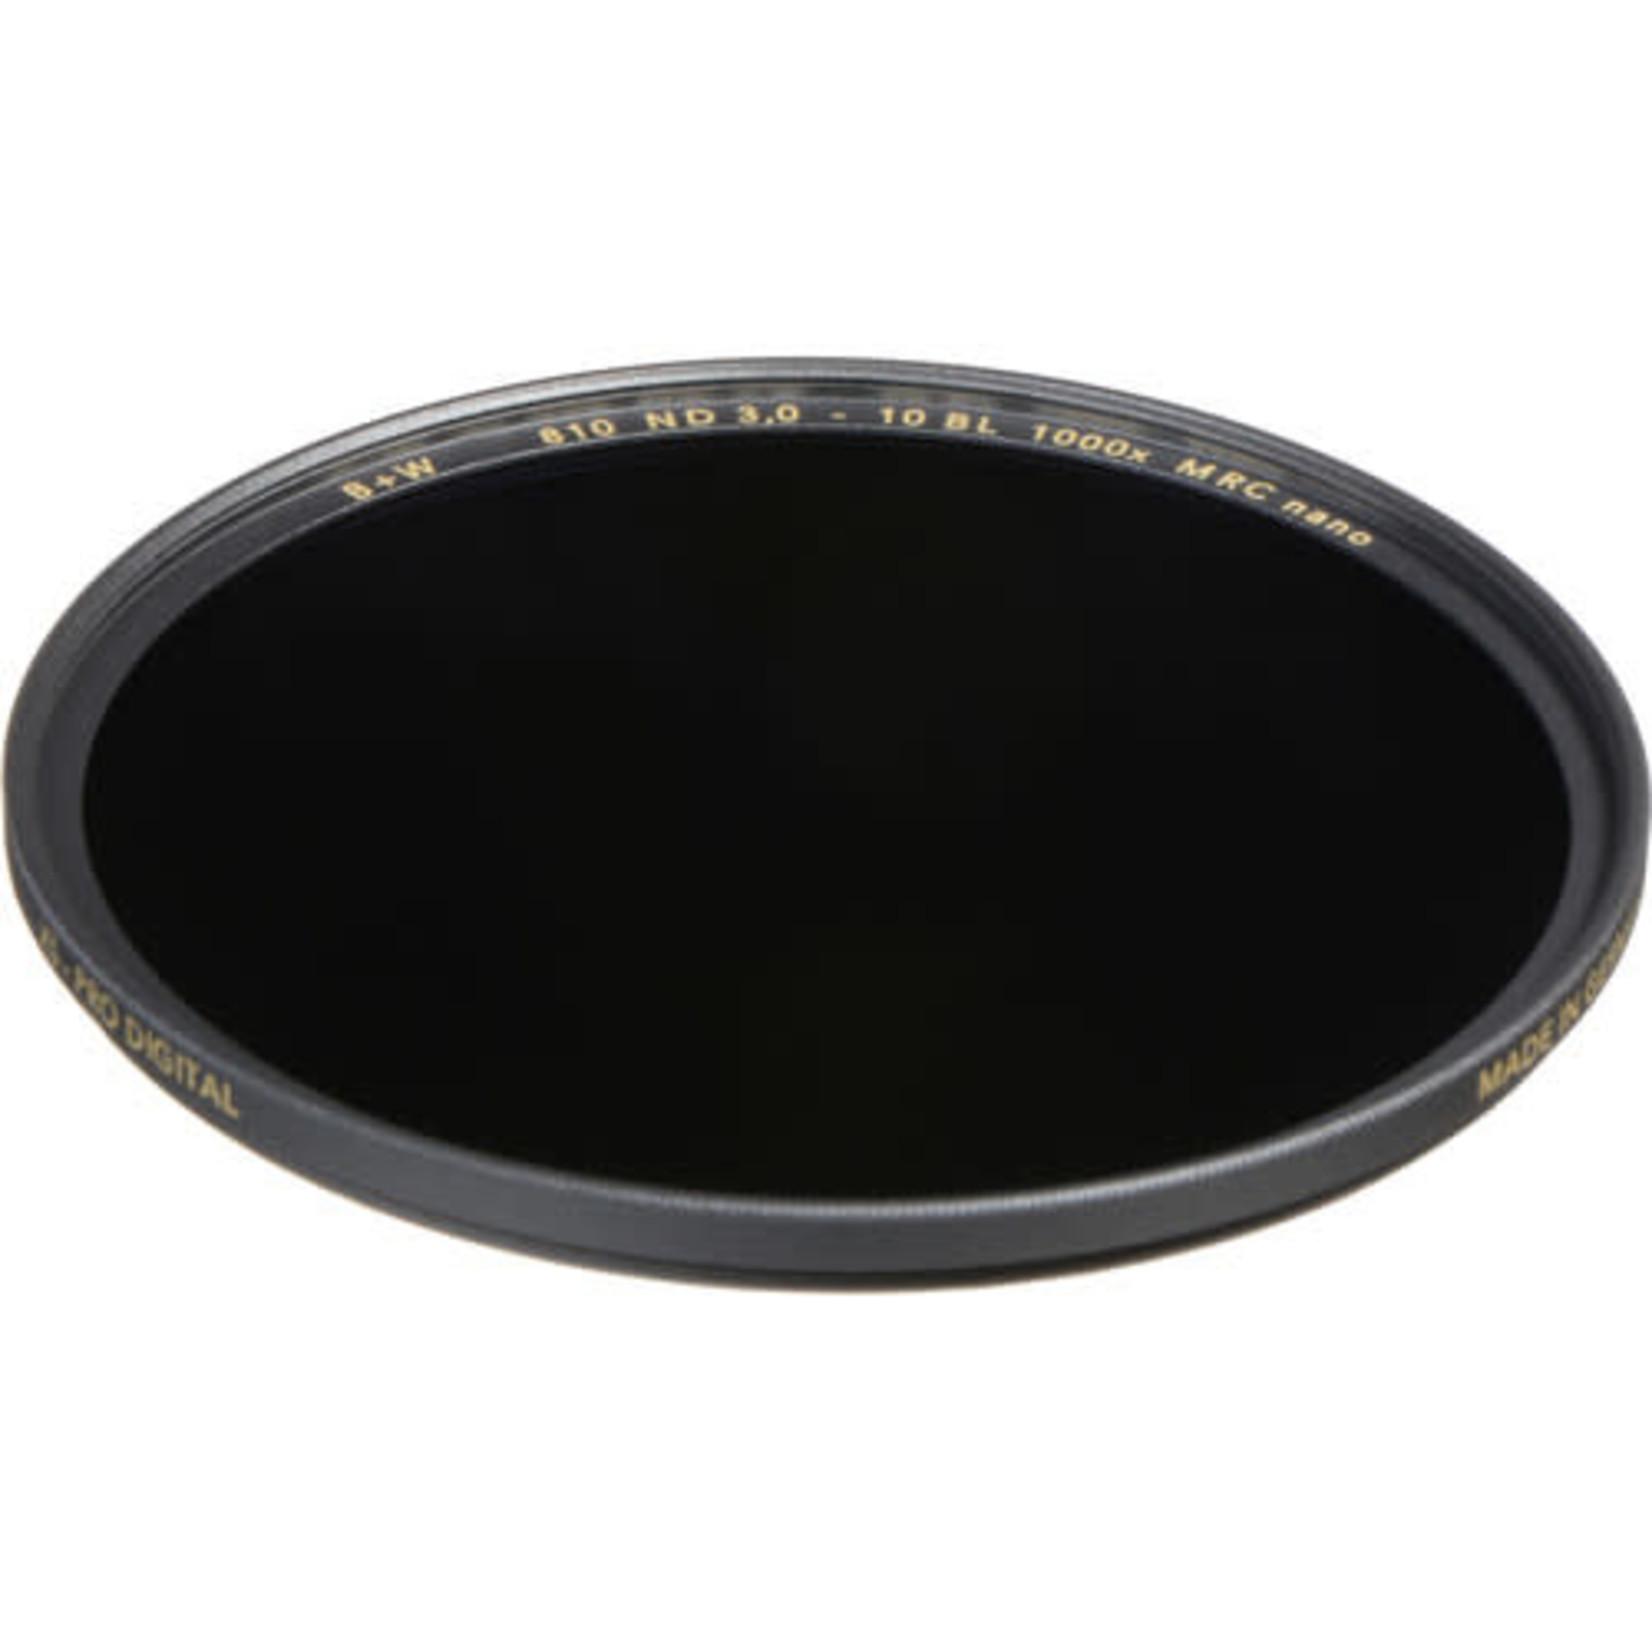 B+W B+W 77mm XS-Pro MRC-Nano 810 ND 3.0 Filter (10-Stop)